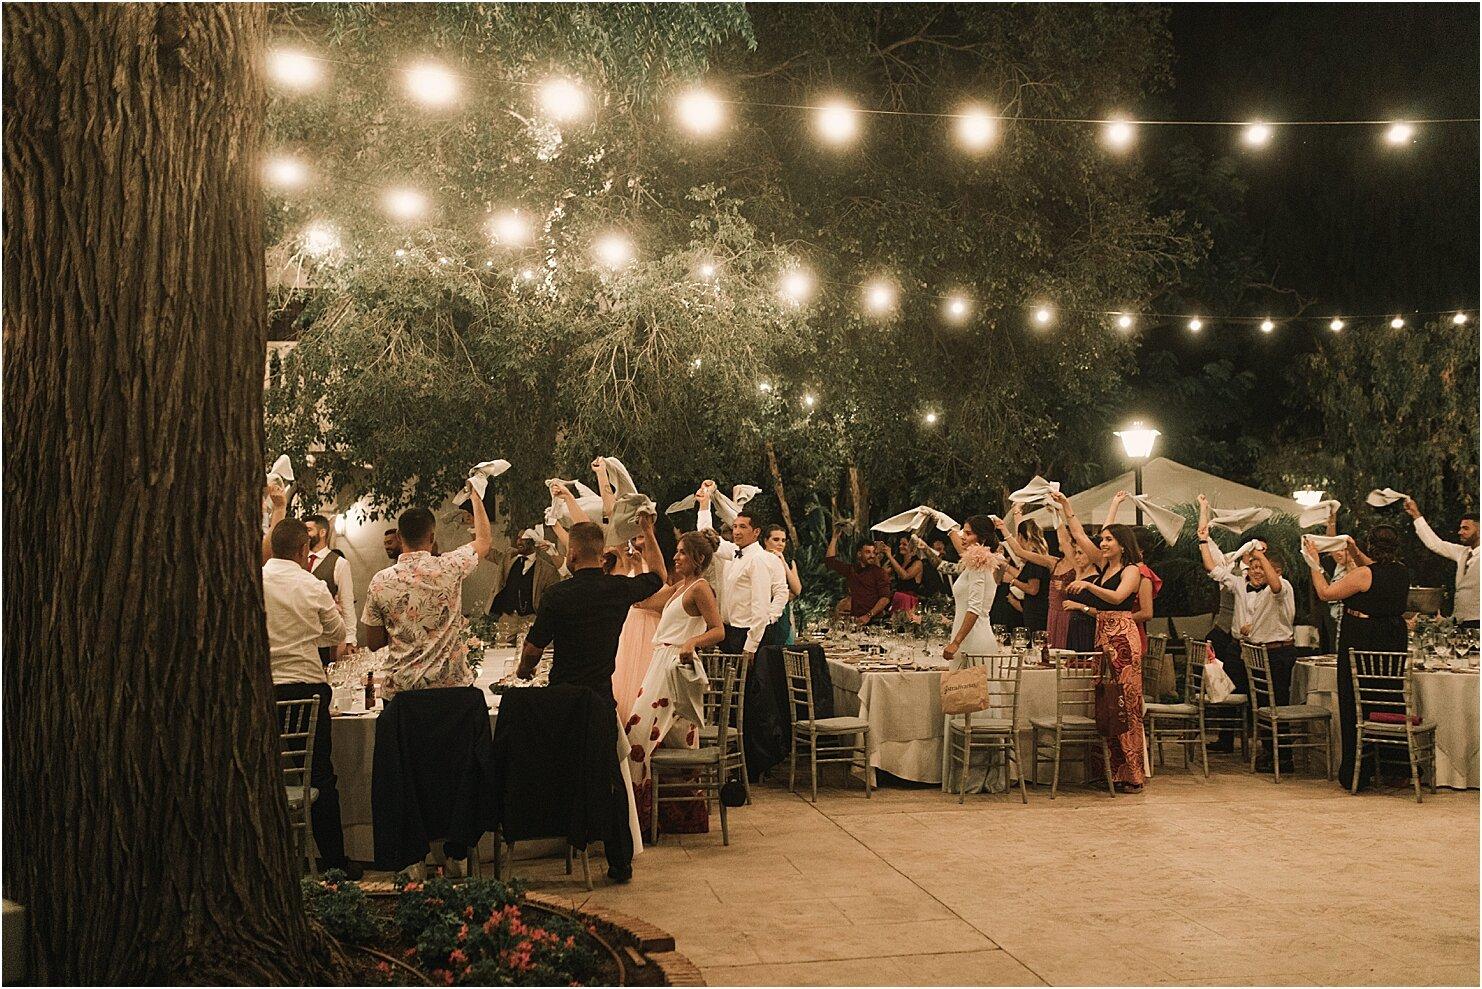 boda-romantica-boda-boho-vestido-de-novia-laura-lomas73.jpg